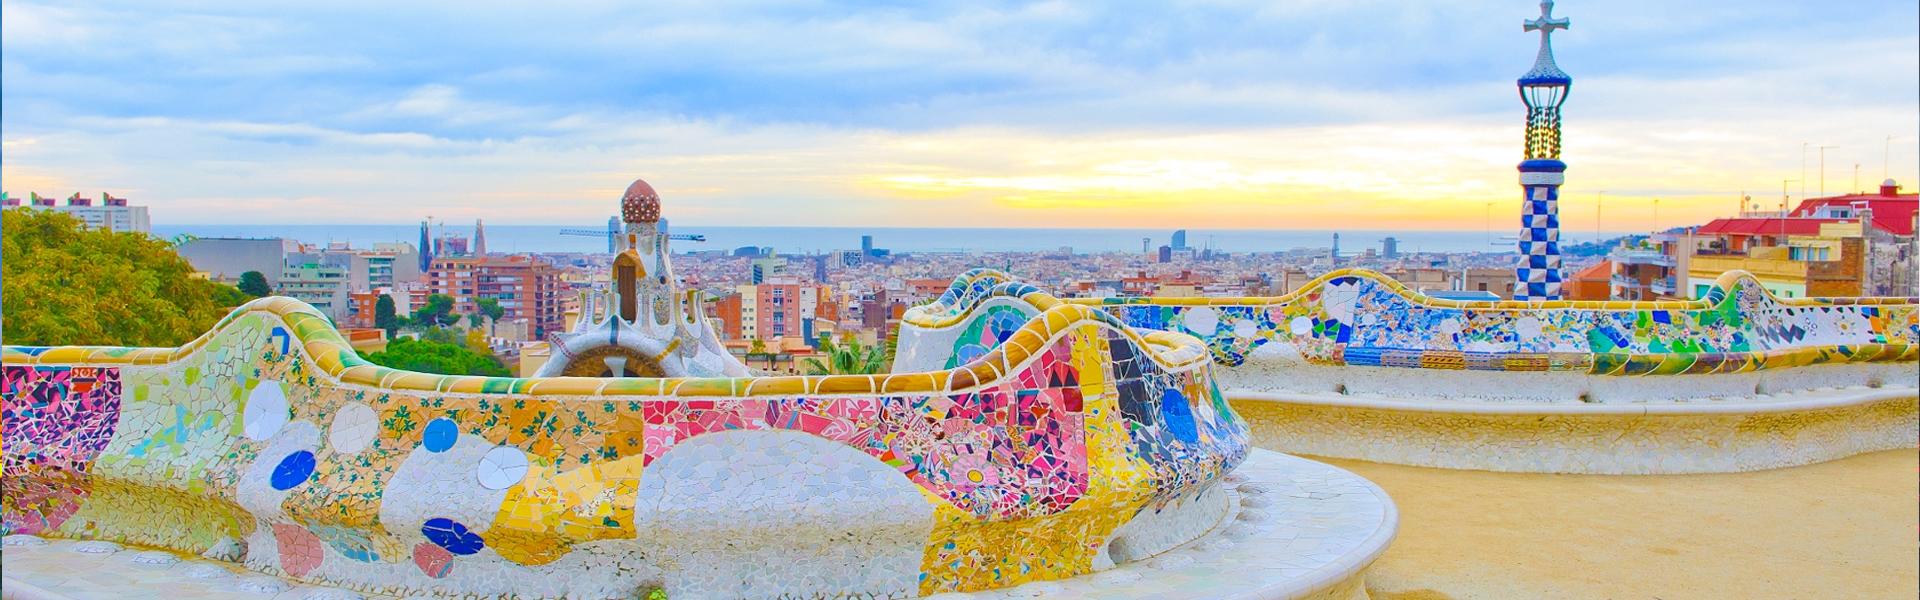 GWP Barcelona: Dagboek